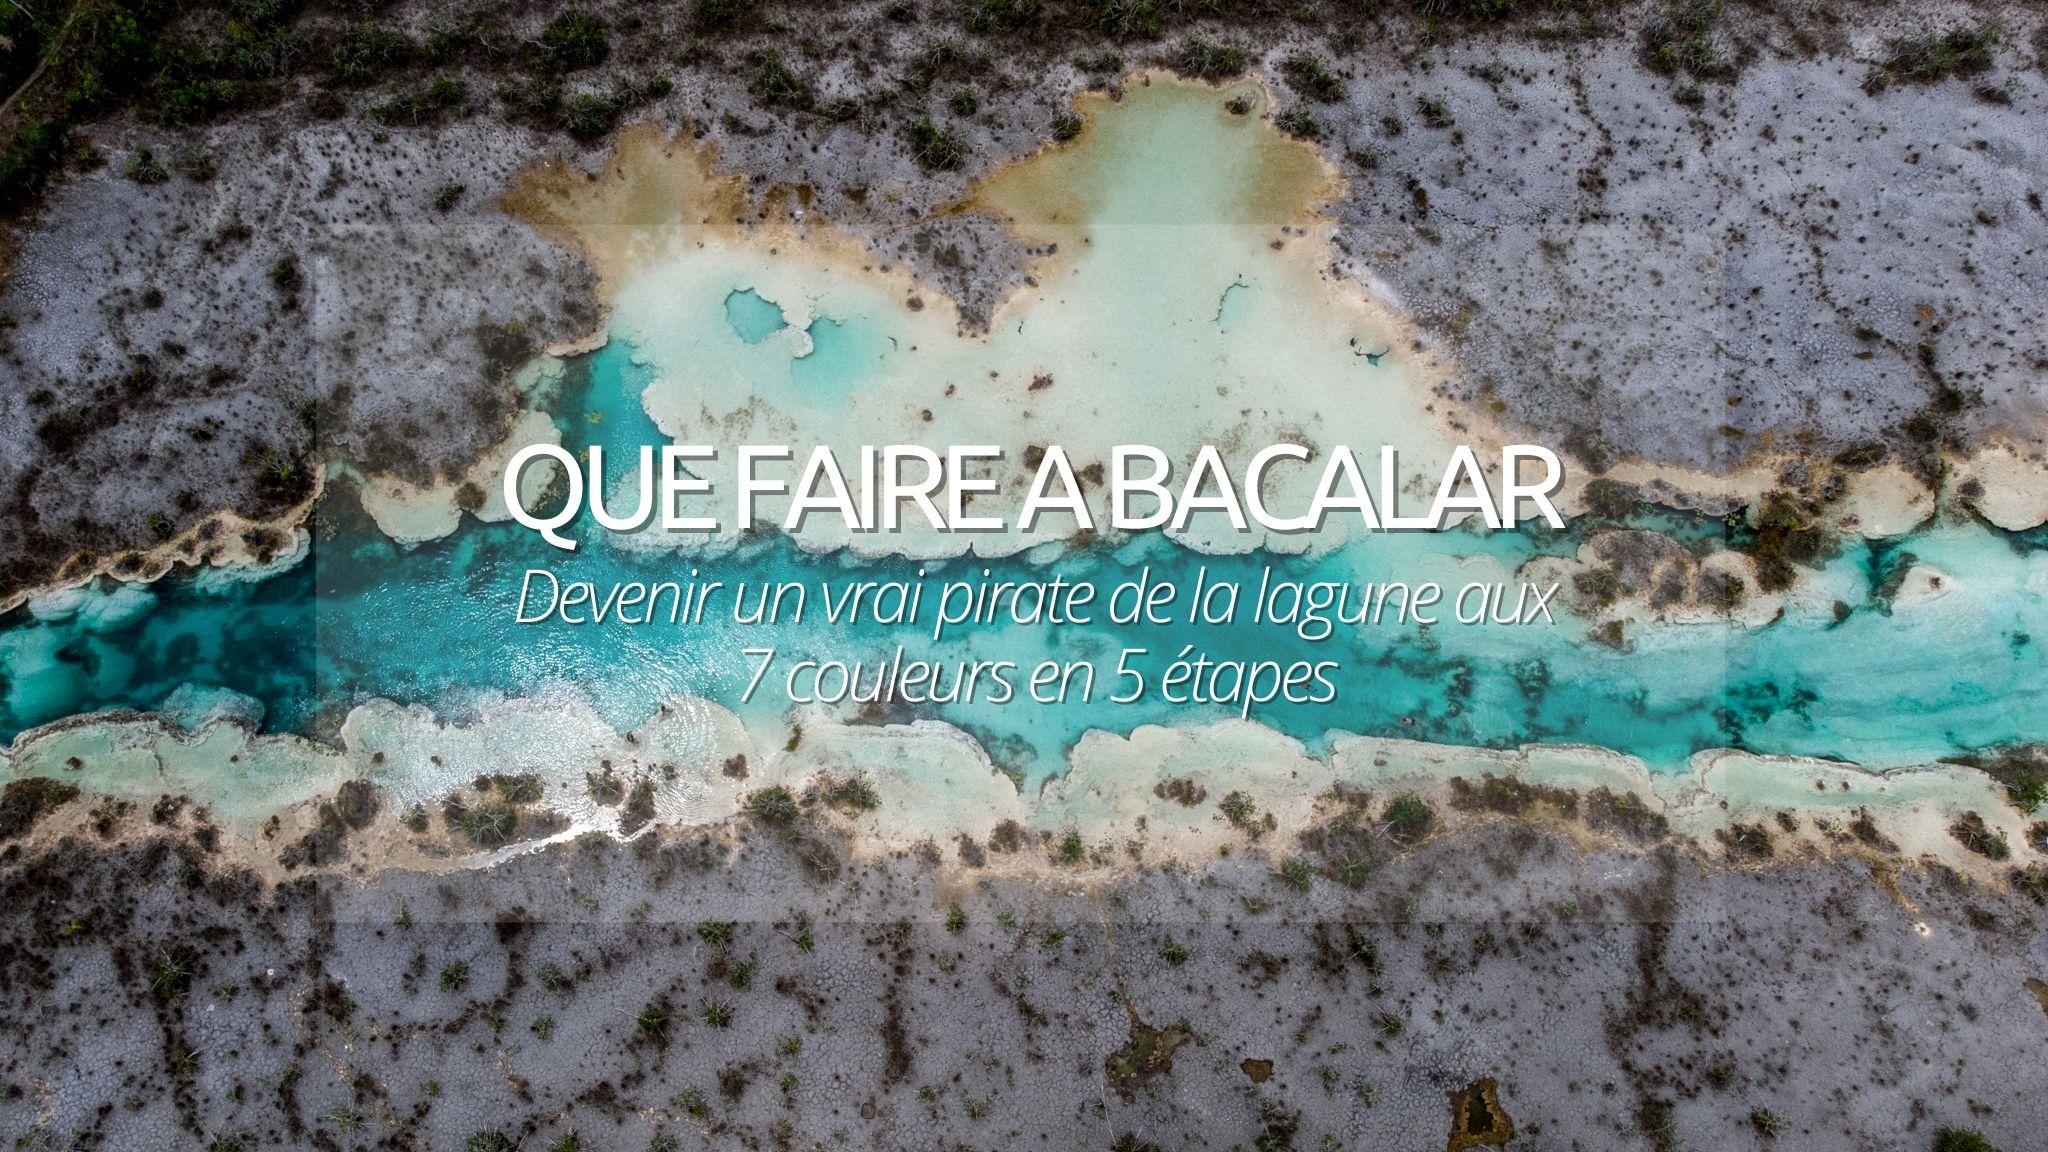 Que faire à Bacalar, à Mexico, devenir un vrai pirate de la lagune aux 7 couleurs en 5 étapes